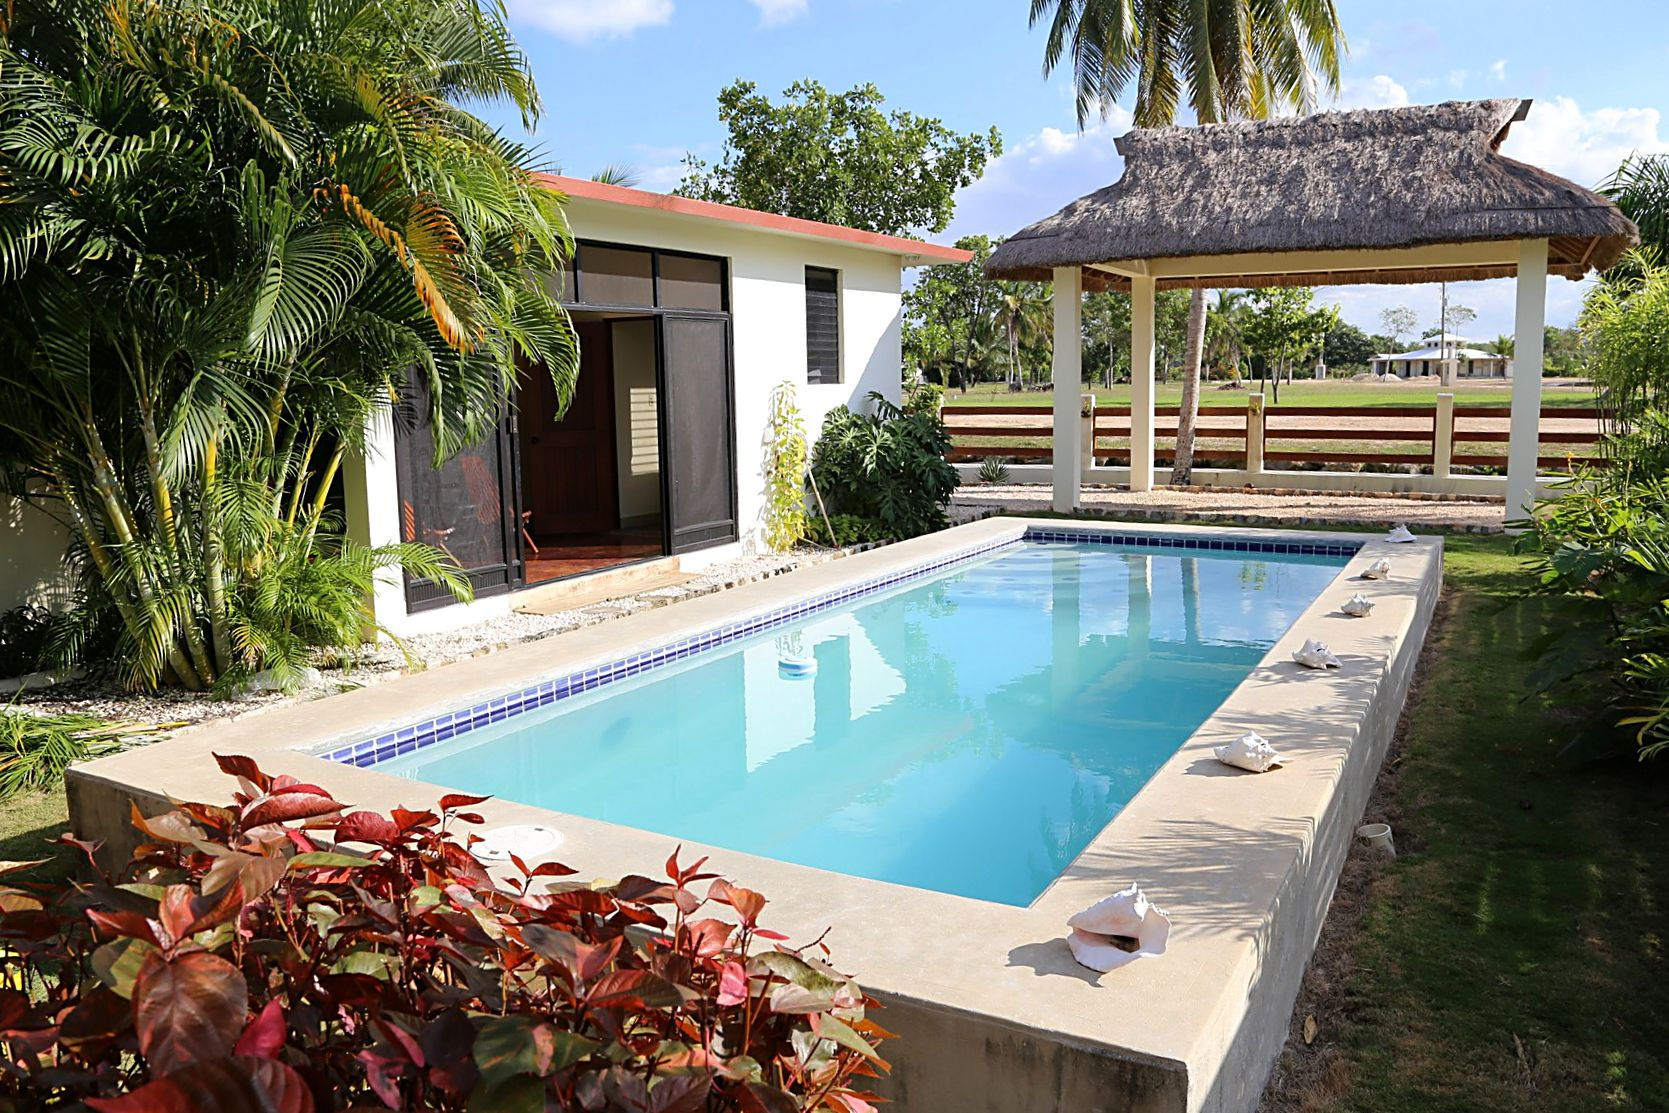 Residencial - Outro para Venda às Casa Royale Corozal, Corozal, Belize